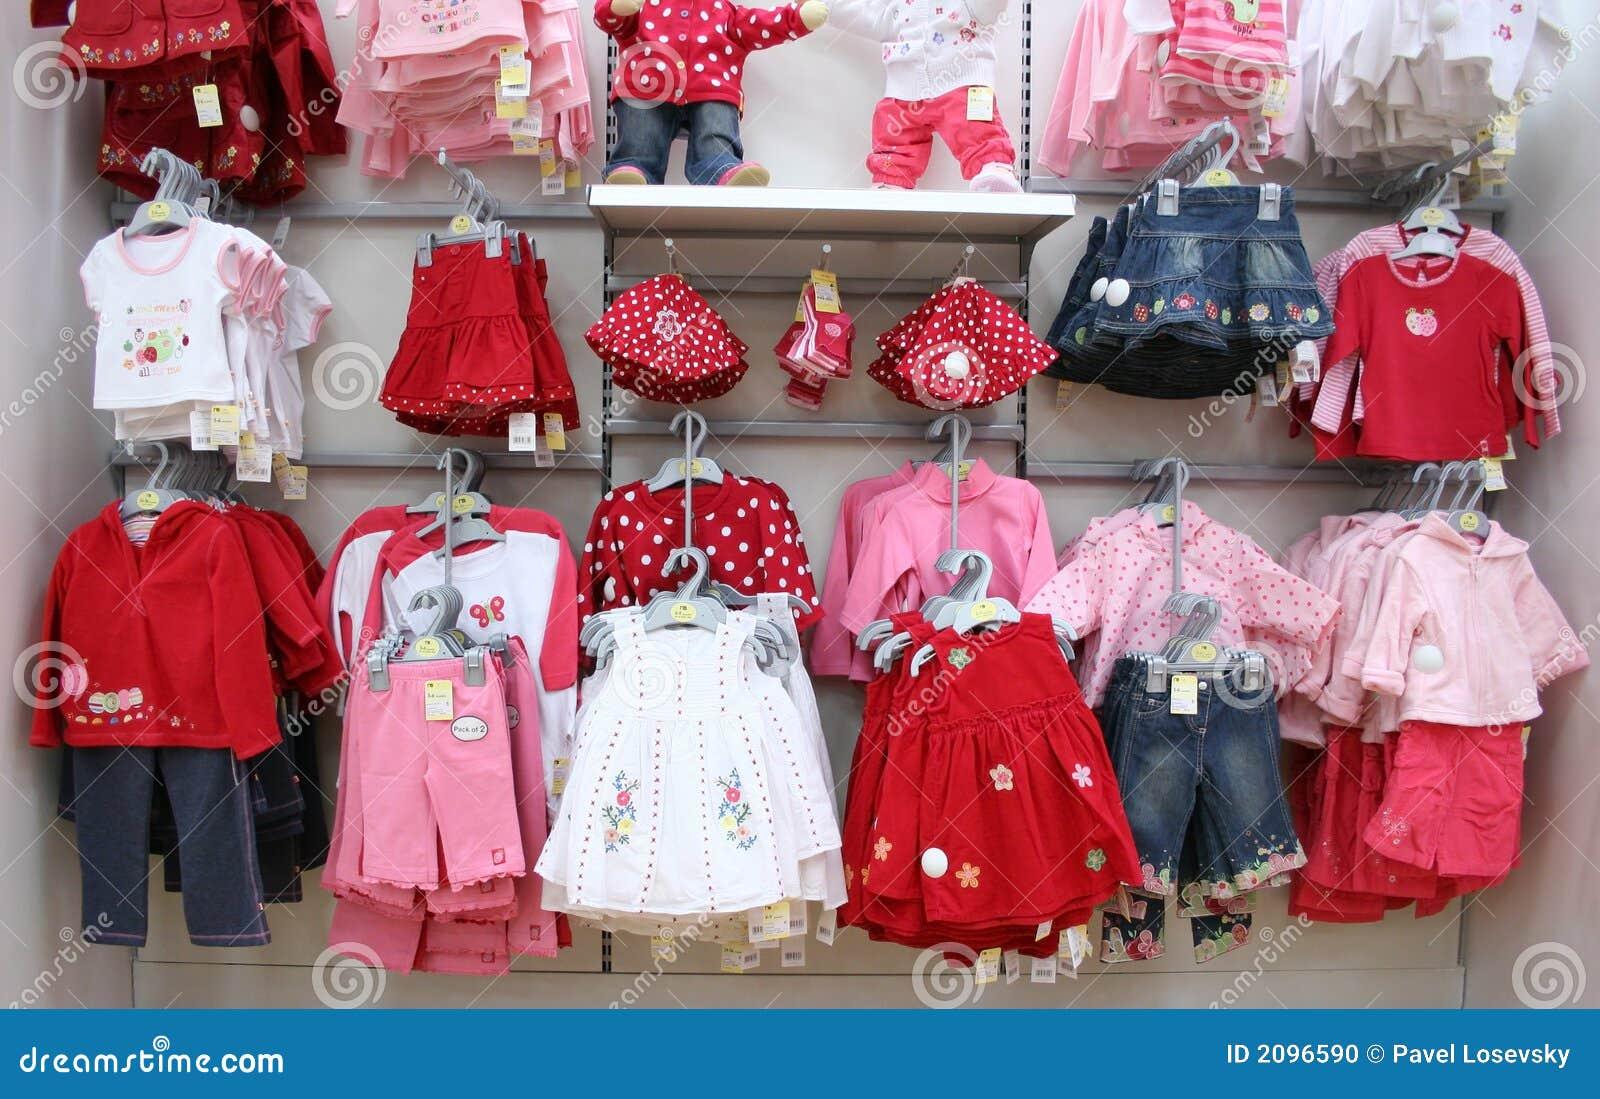 κατάστημα ενδυμάτων μωρών